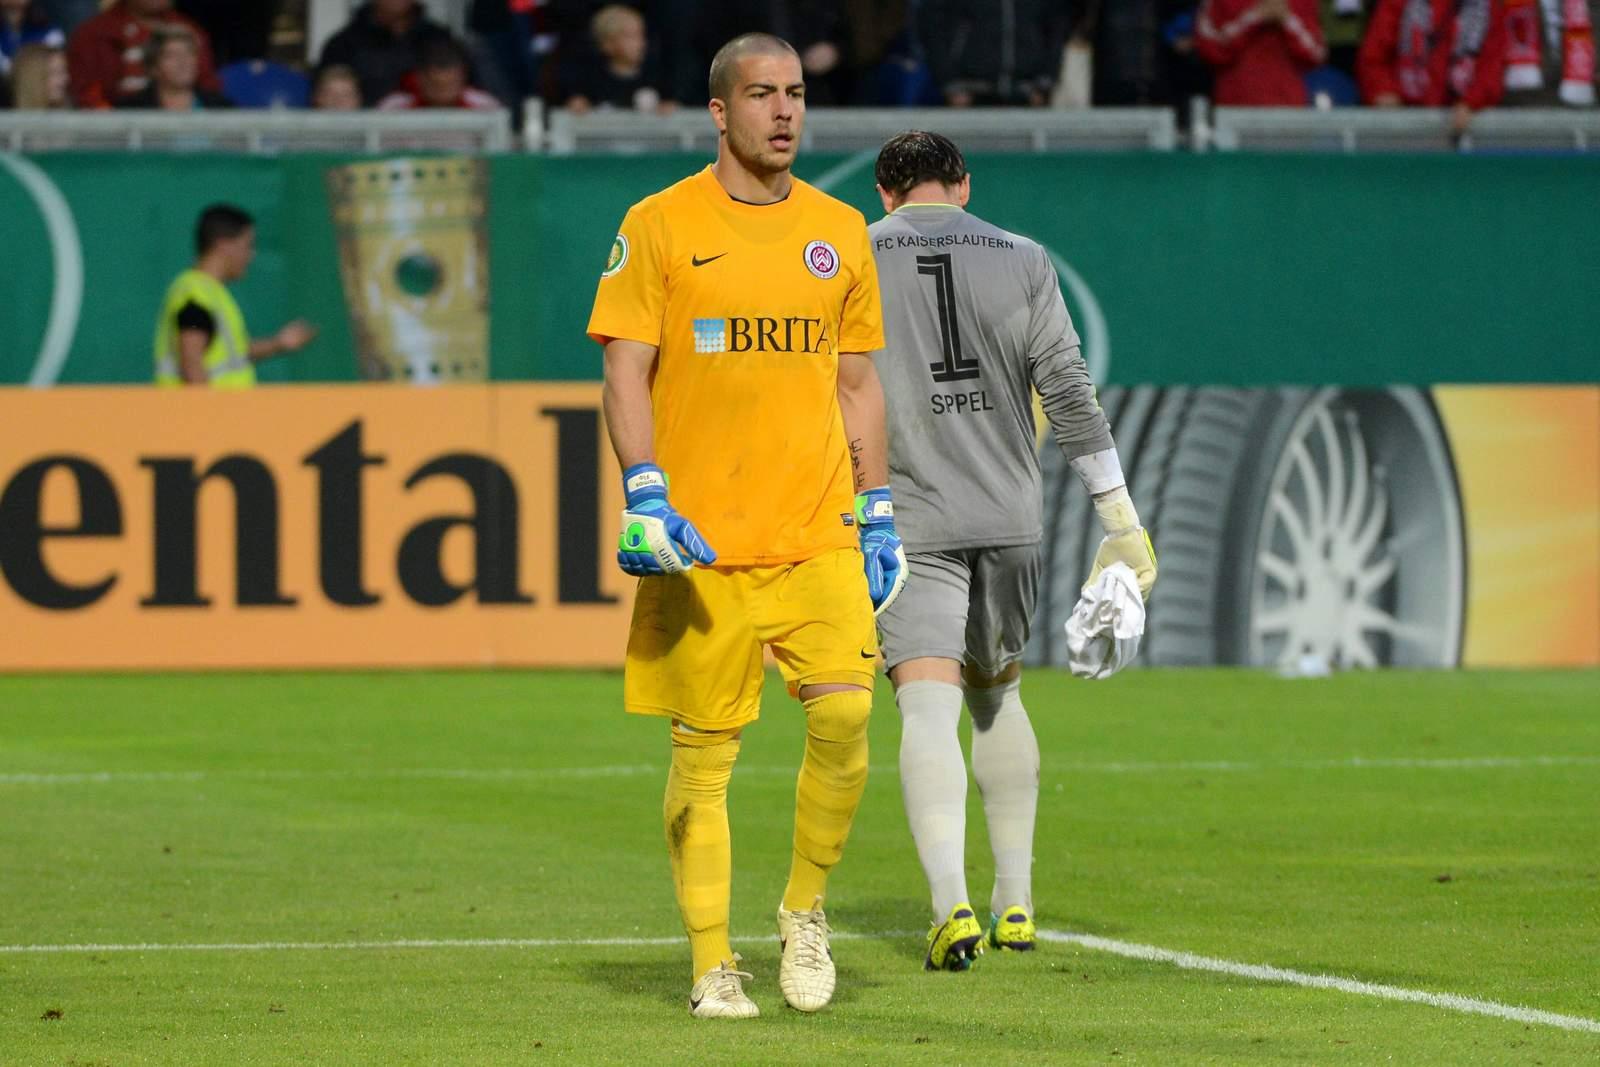 Florian Fromlowitz und Tobias Sippel beim Spiel Wehen Wiesbaden vs FCK